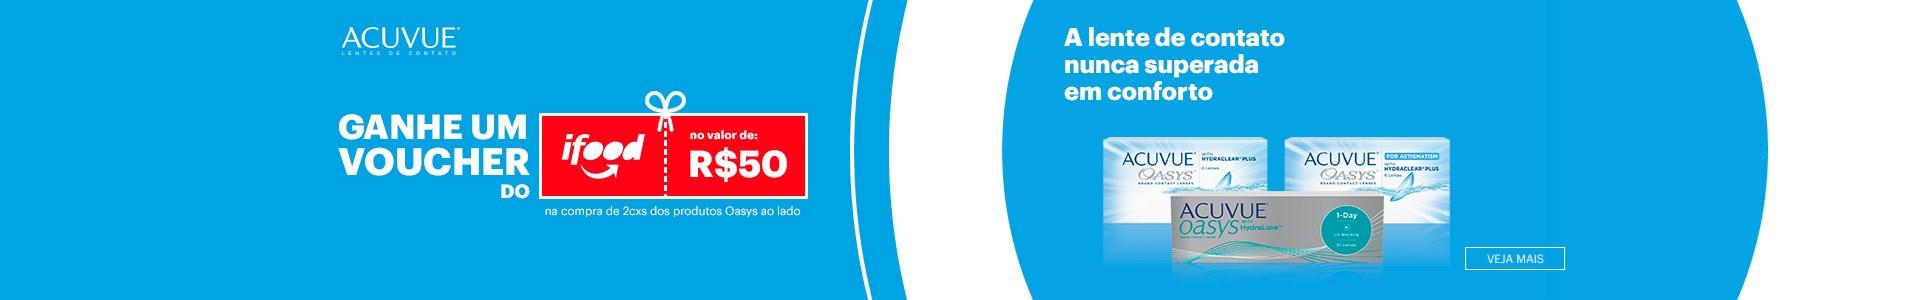 Promoção ACUVUE e iFOOD válida somente até o dia 22/11/20